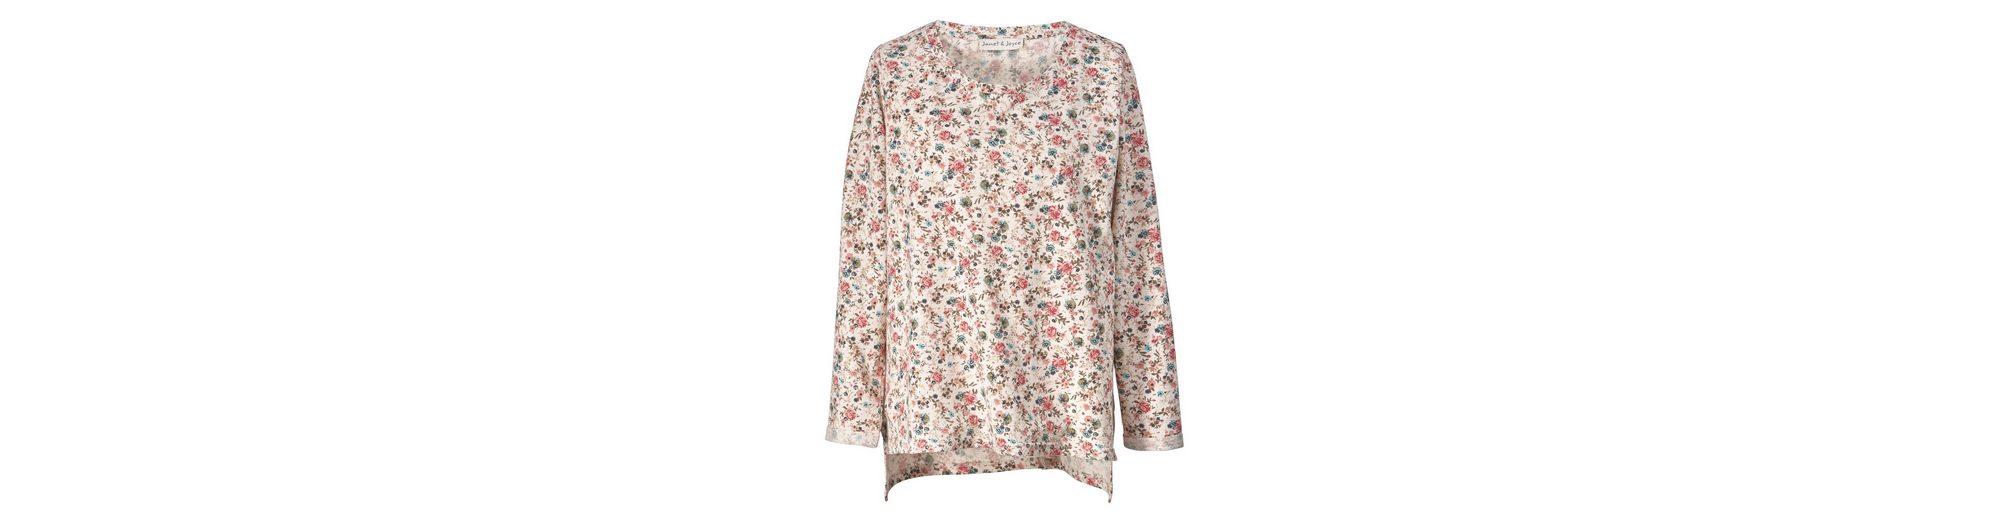 Verkauf Outlet-Store Janet und Joyce by Happy Size Vokuhila-Sweatshirt mit Blumen-Print Steckdose Billigsten Günstige Austrittsstellen UGZQpVSGbD